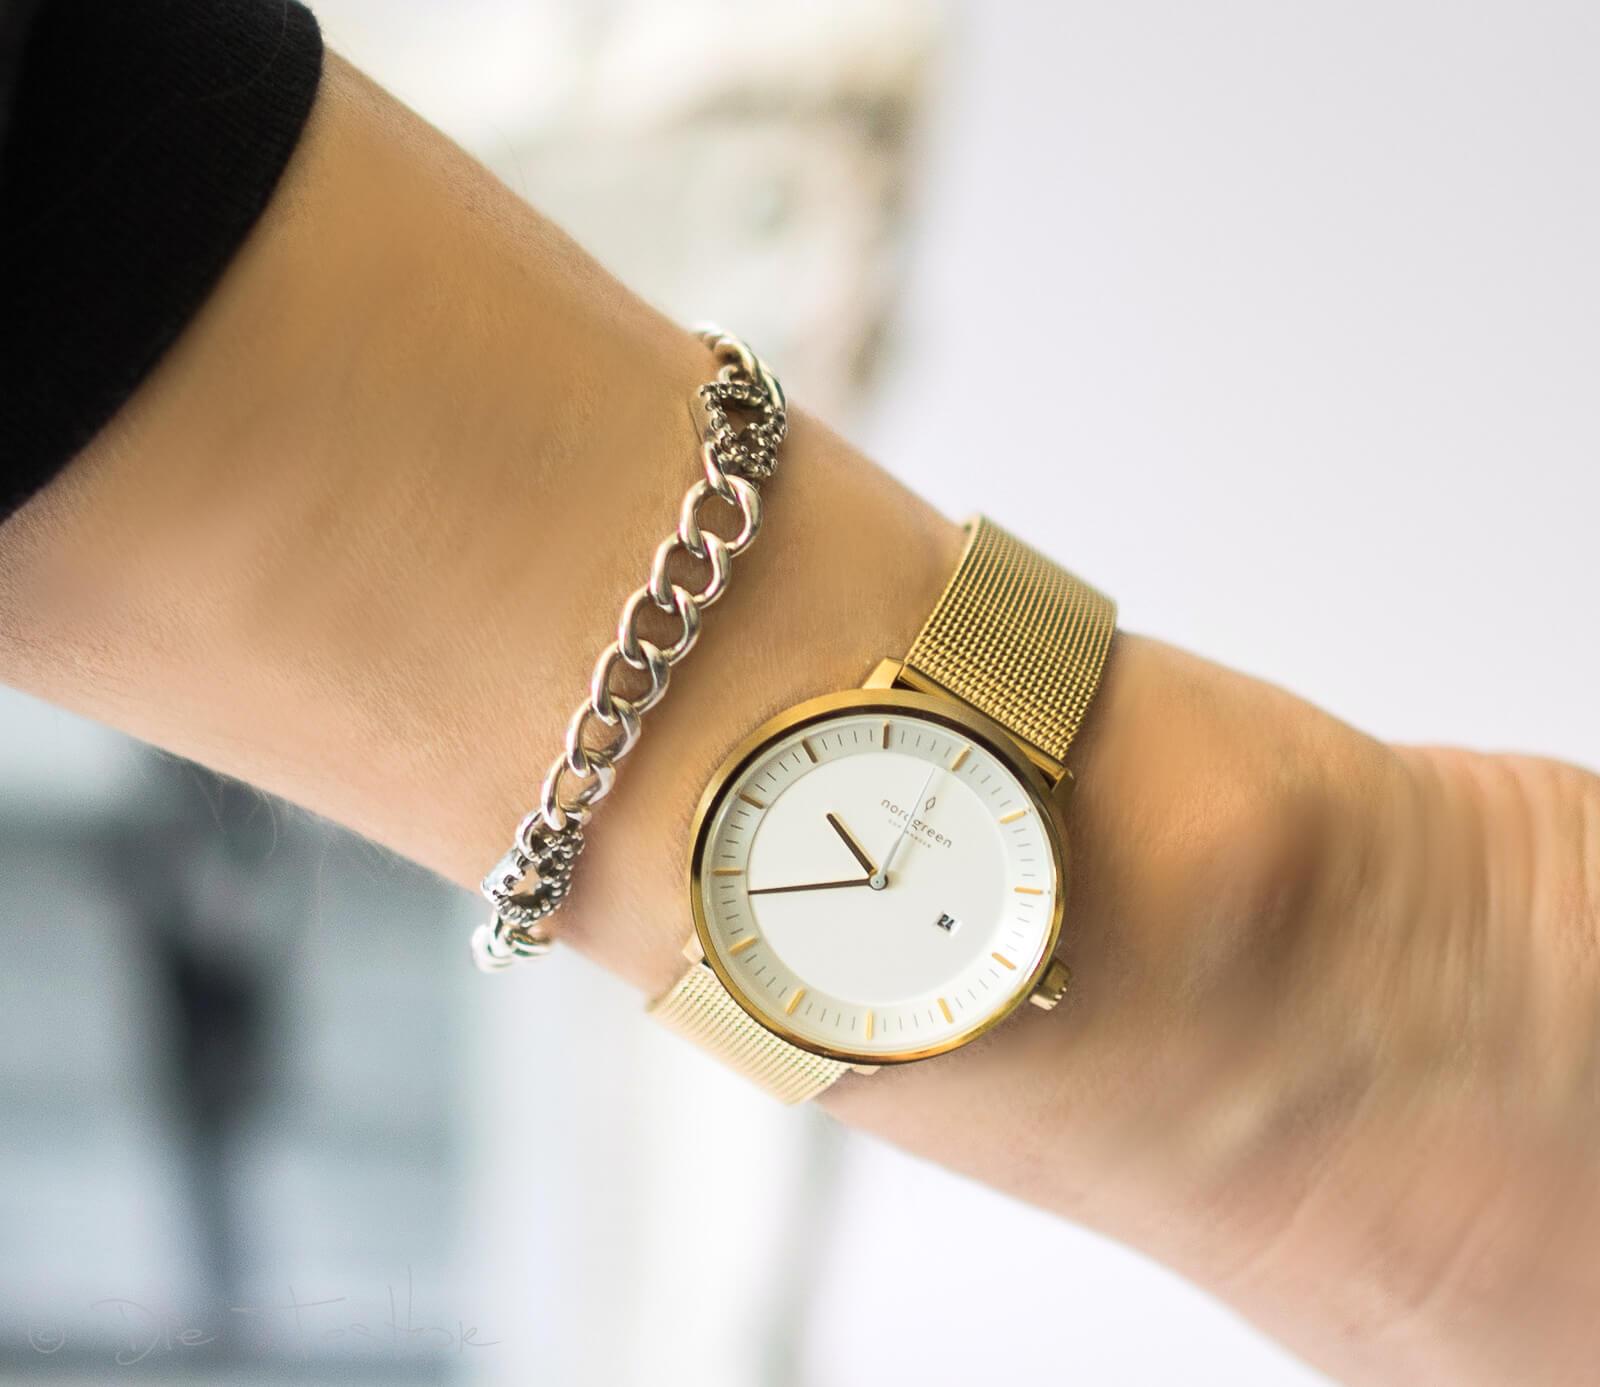 Skandinavischer Chick mit den eleganten, zeitlos schönen Armbanduhren von Nordgreen